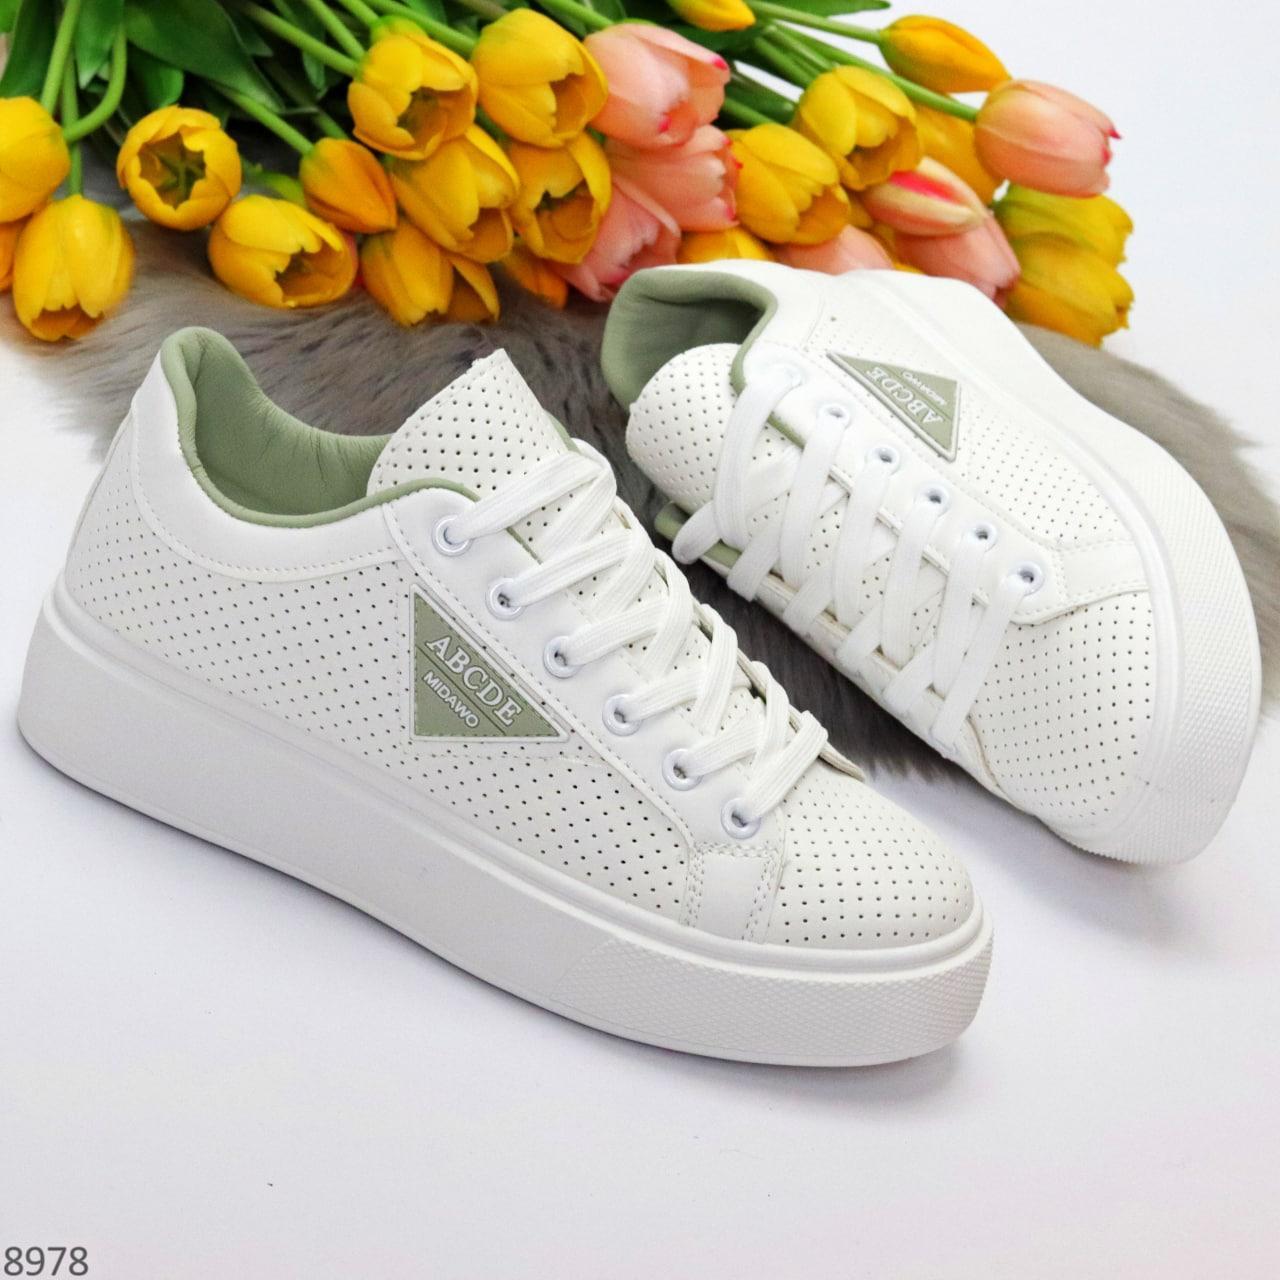 Жіночі кросівки - кеди білі з сірими еко-шкіра з перфорацією весна / літо/ осінь